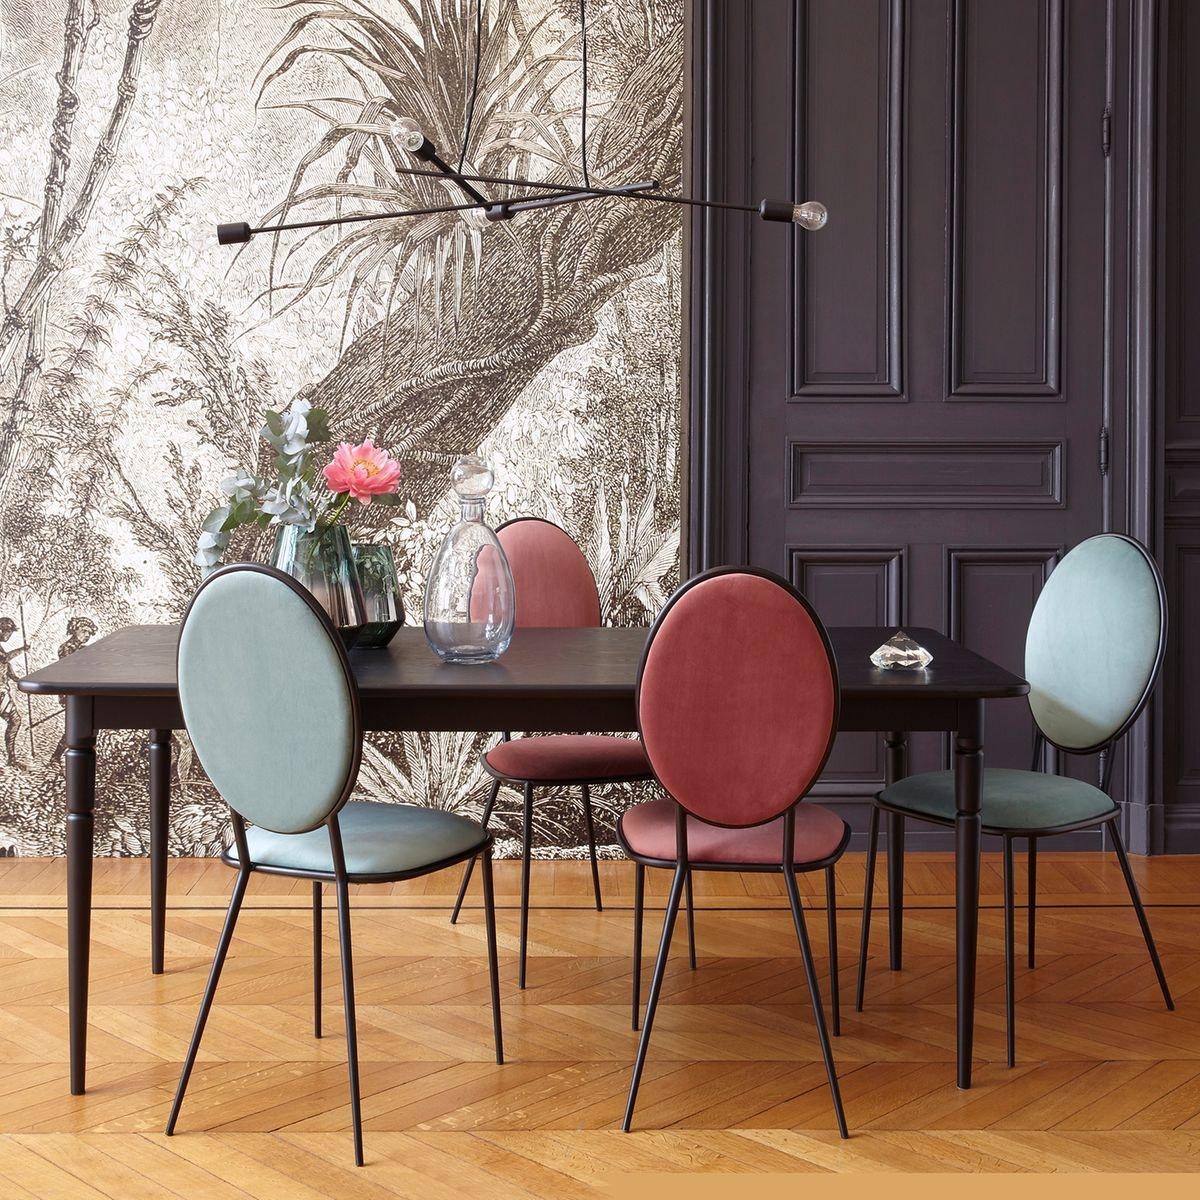 Chaise Dépareillées Salle A Manger: La Chaise Médaillon : Un Classique Revisité